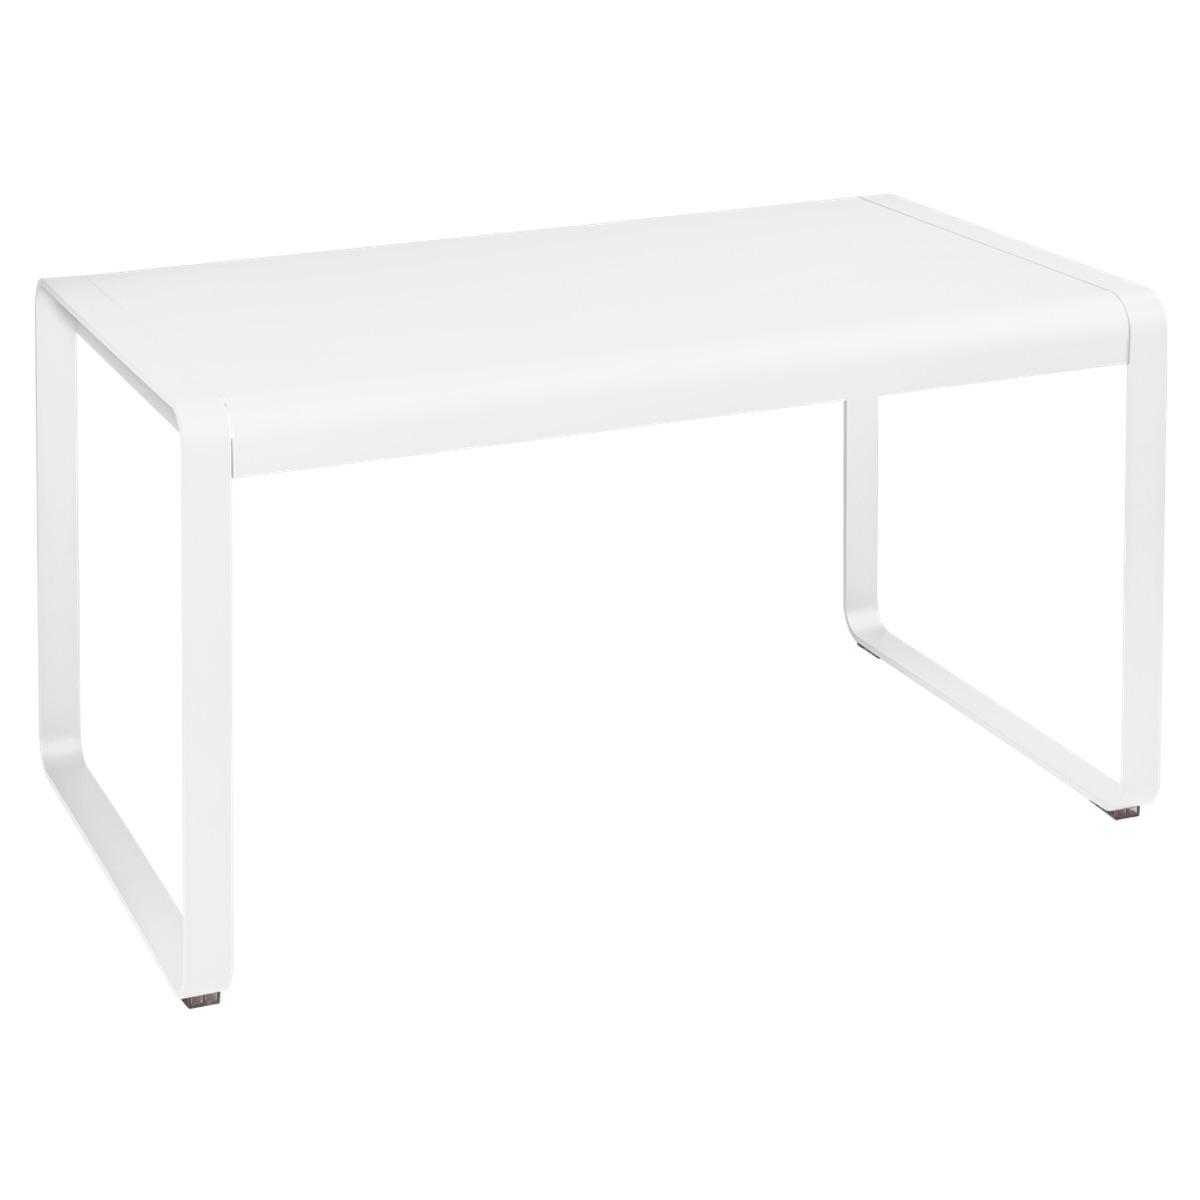 Table de jardin 80x140cm BELLEVIE Fermob coton